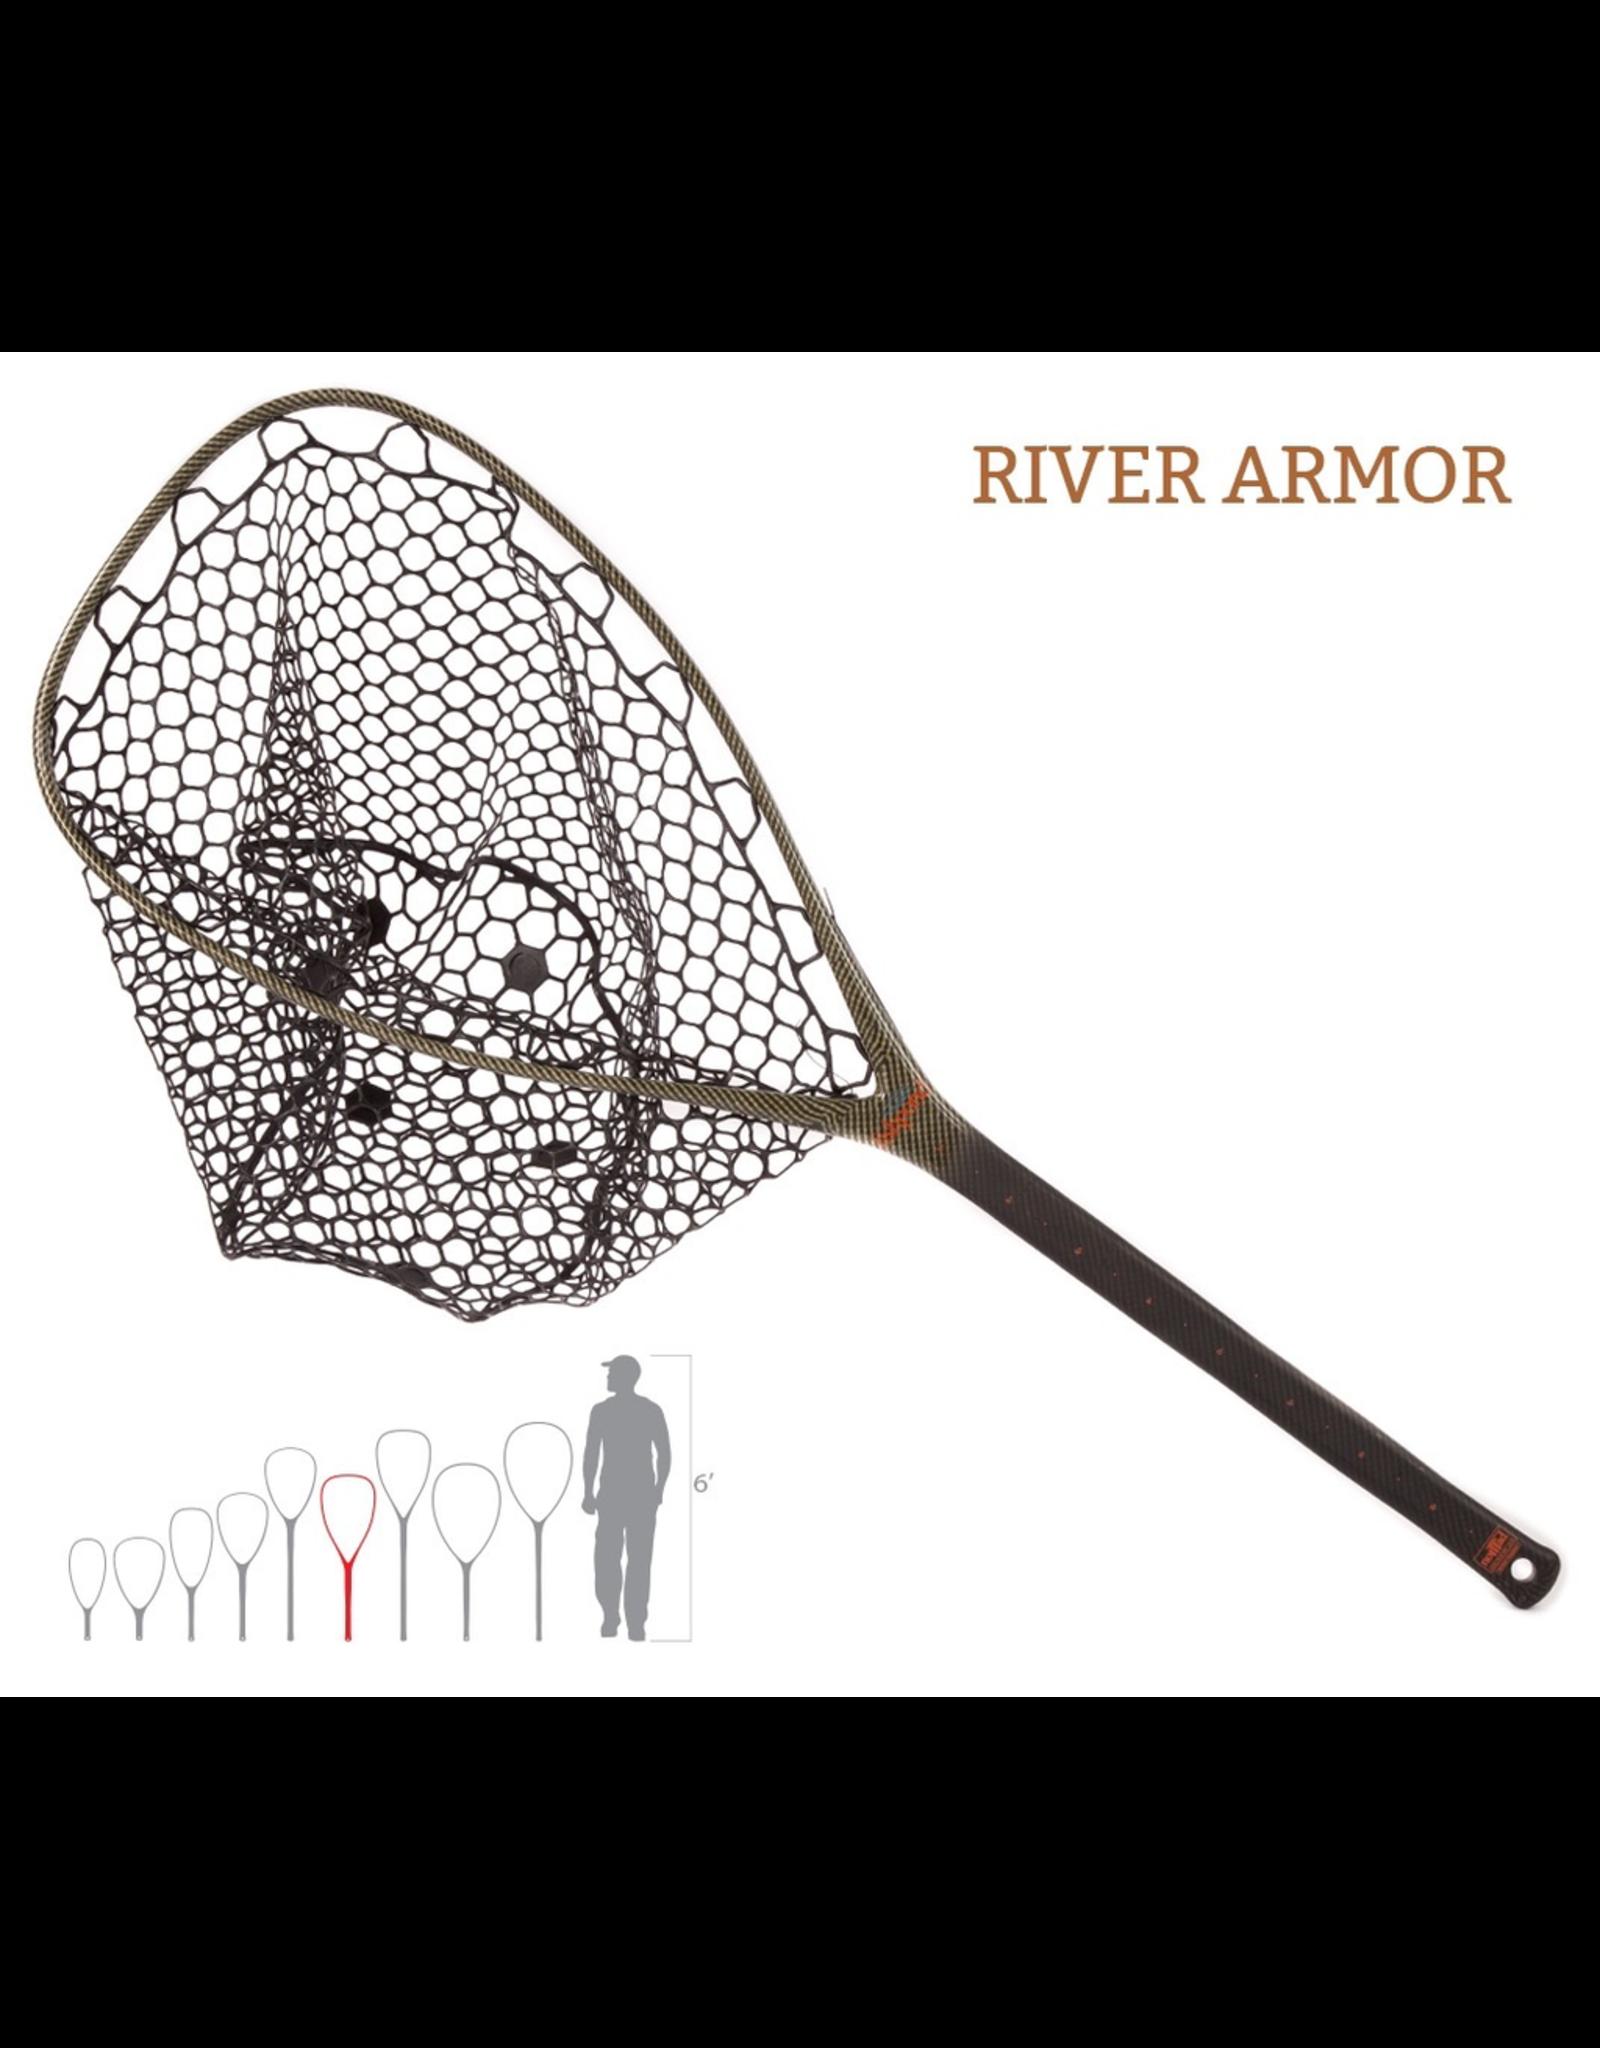 Fishpond Fishpond El Jefe Net (River Armor)